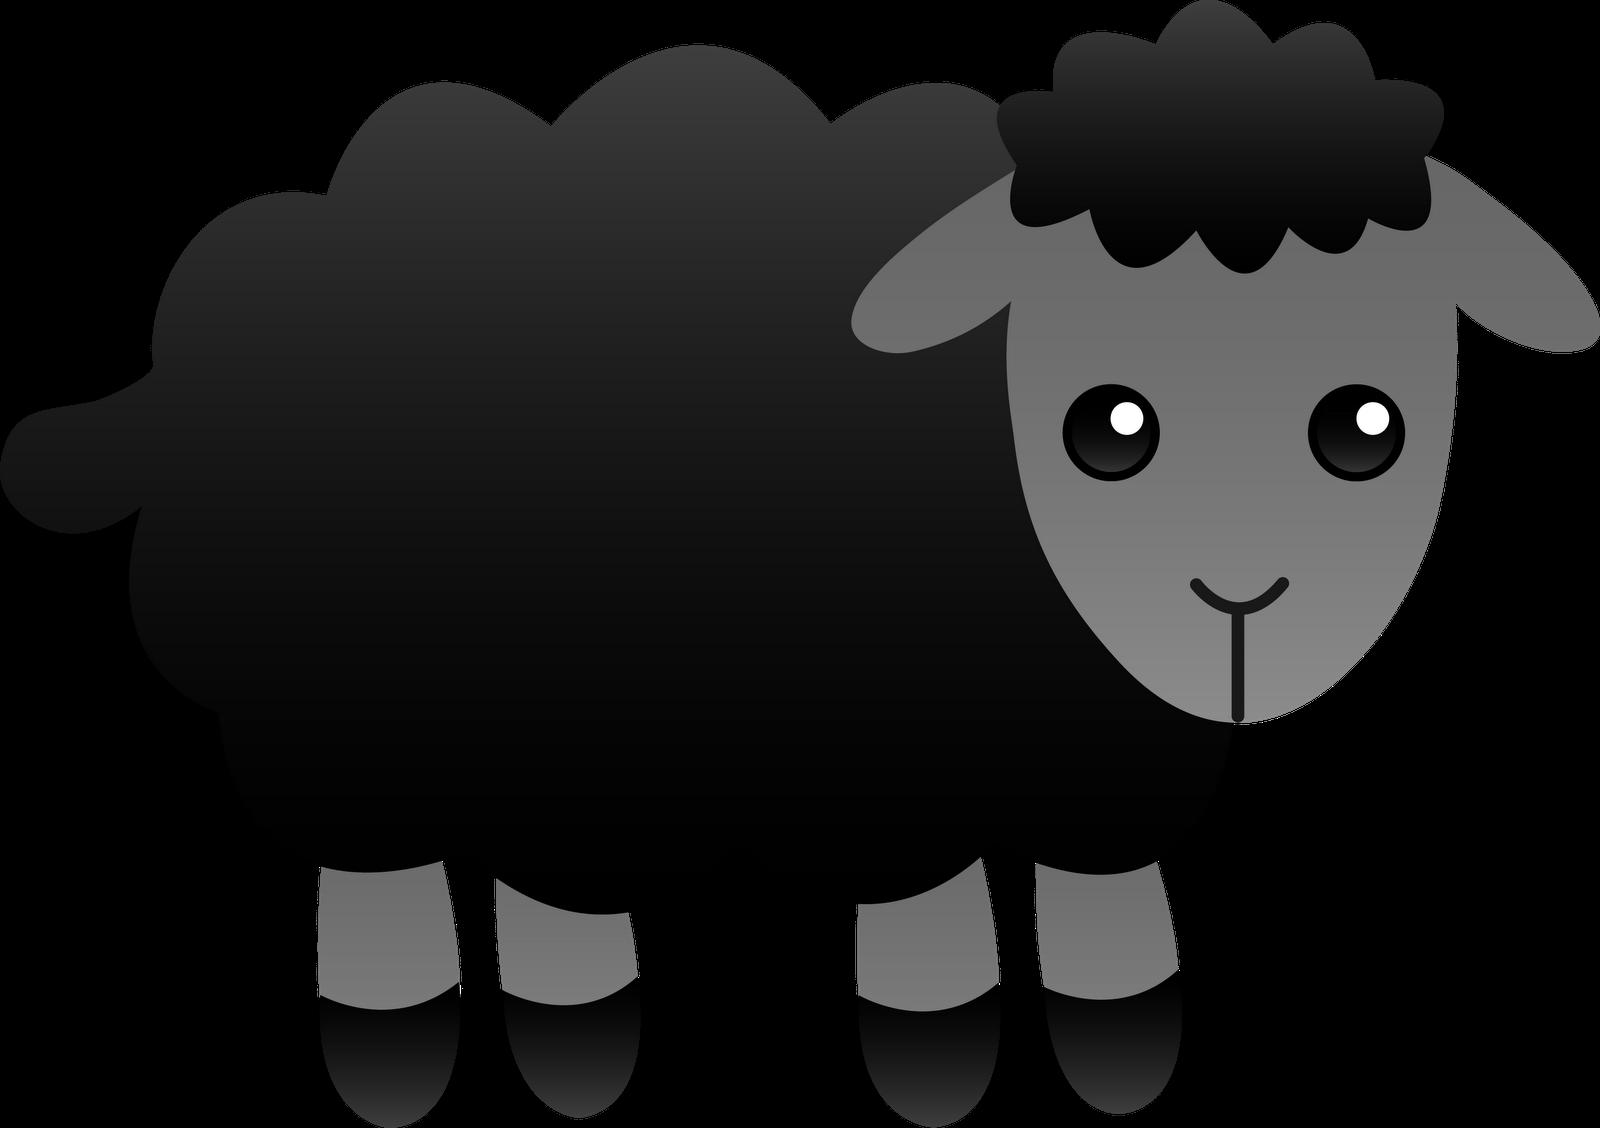 Haircut clipart sheep. Black panda free images